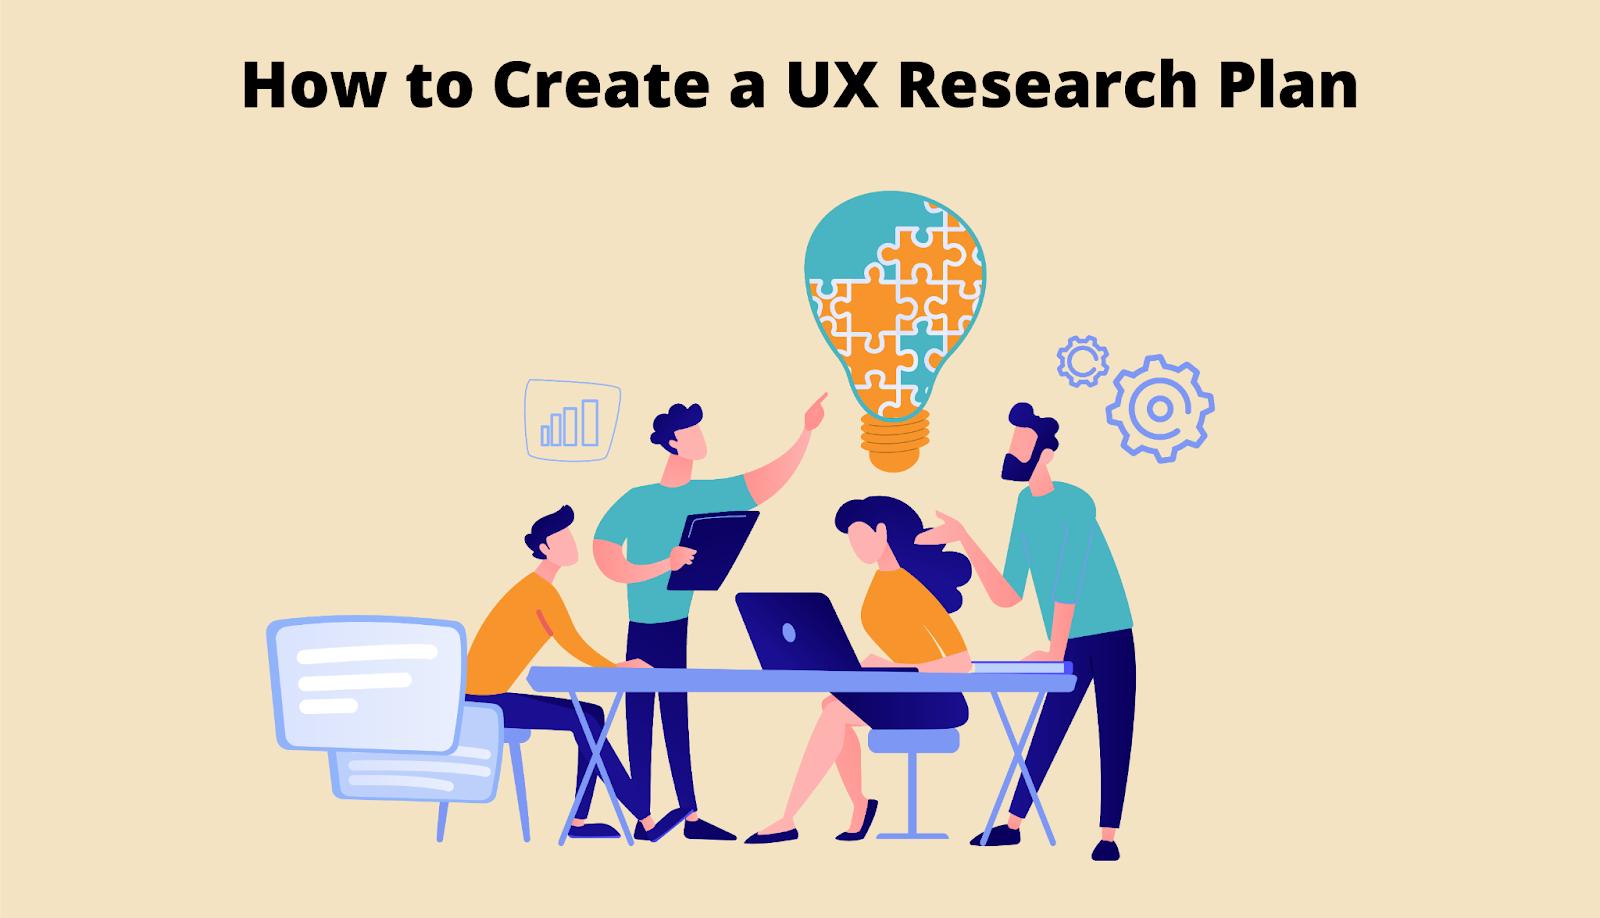 UX research plan